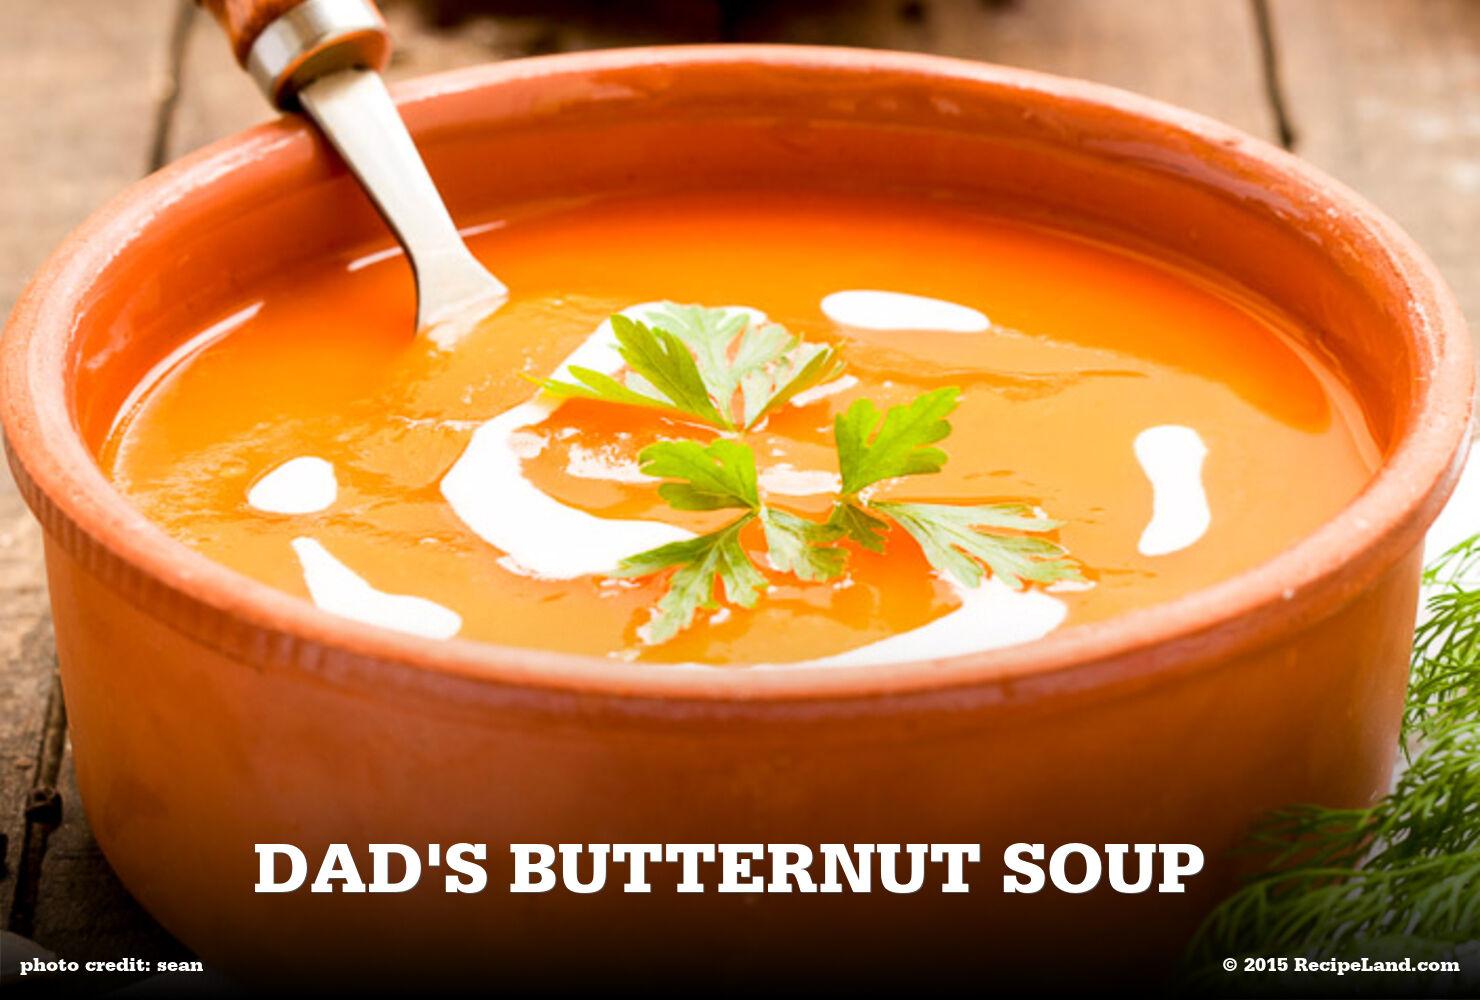 Dad's Butternut Soup